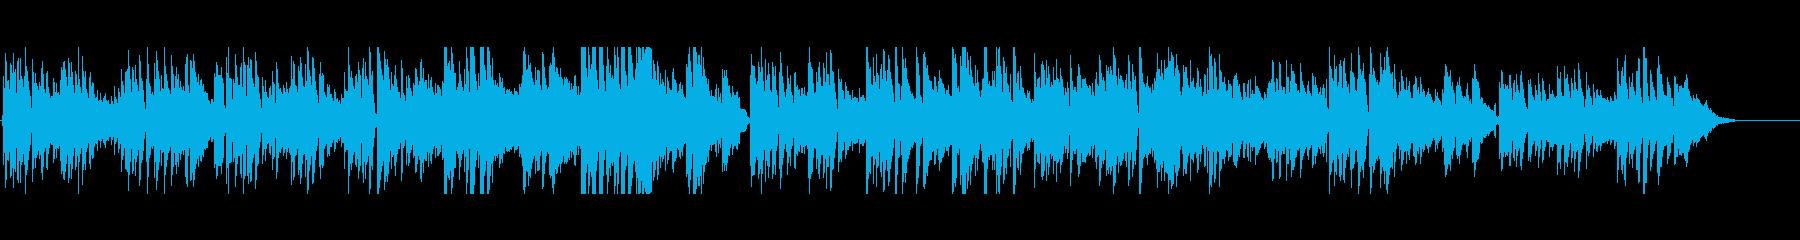 大人 ブルース バー ウェスタン 男 夜の再生済みの波形